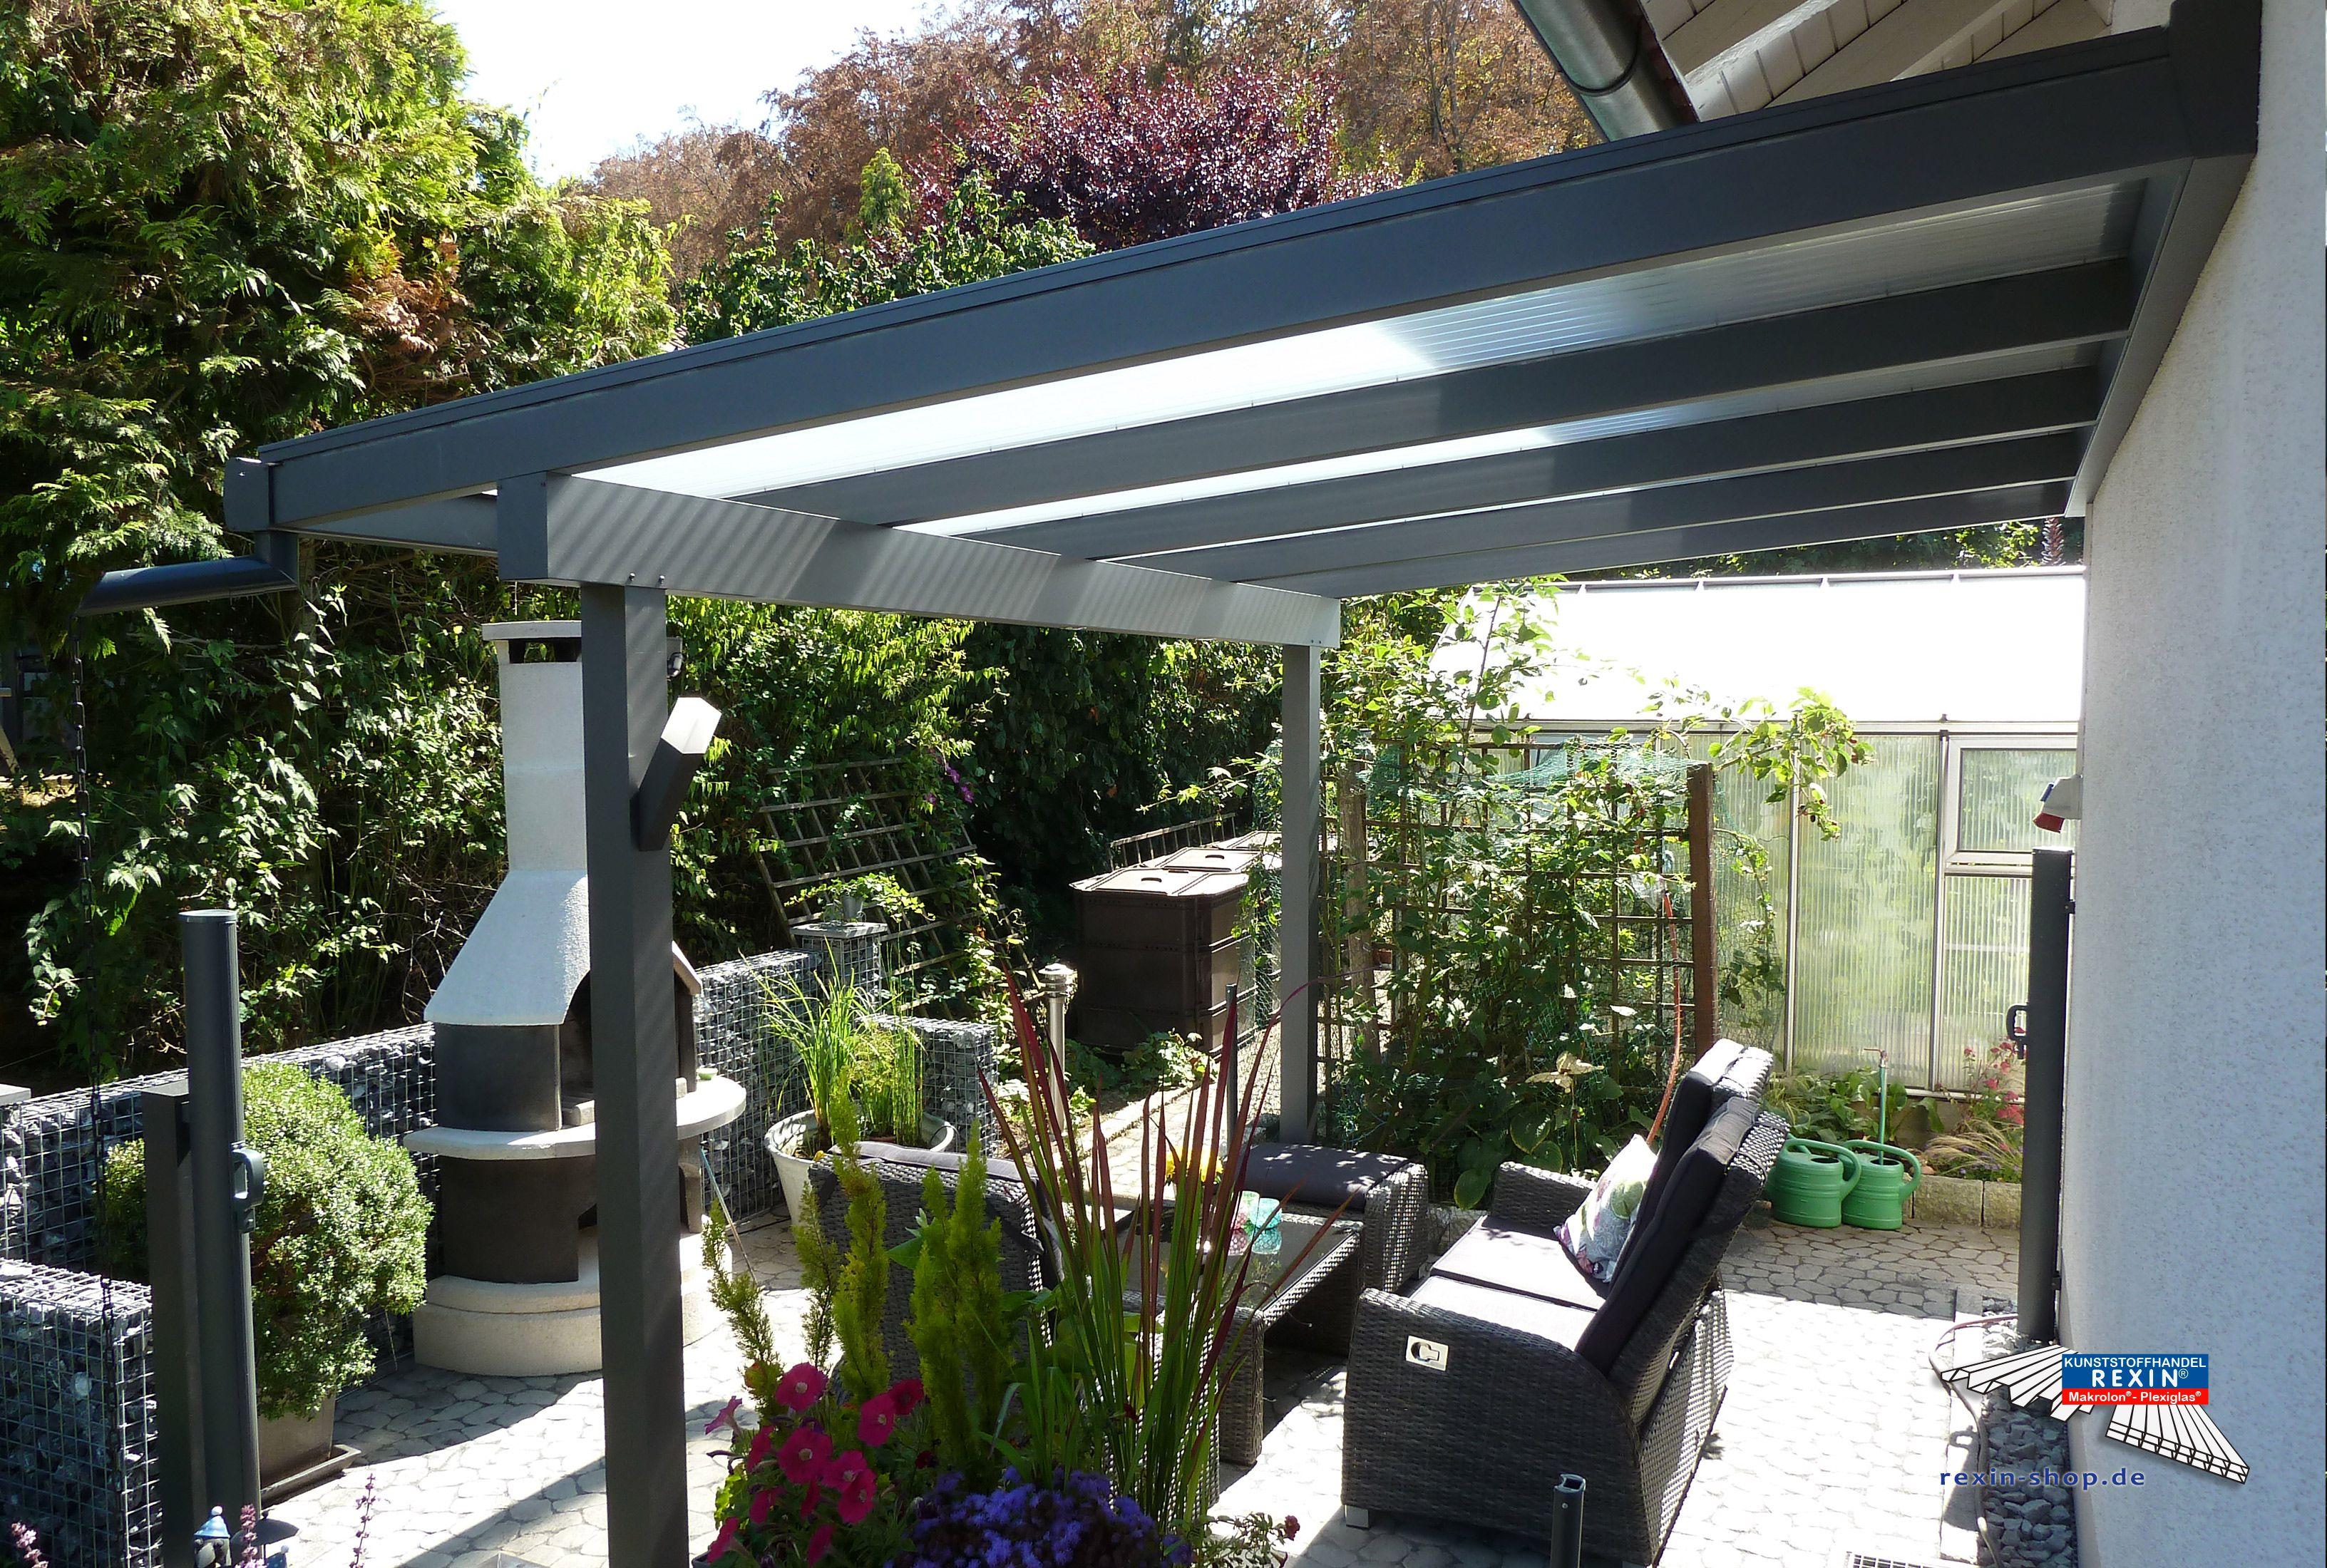 Beautiful Ein Alu Terrassendach der Marke REXOclassic m x m in Anthrazit mit Plexiglas